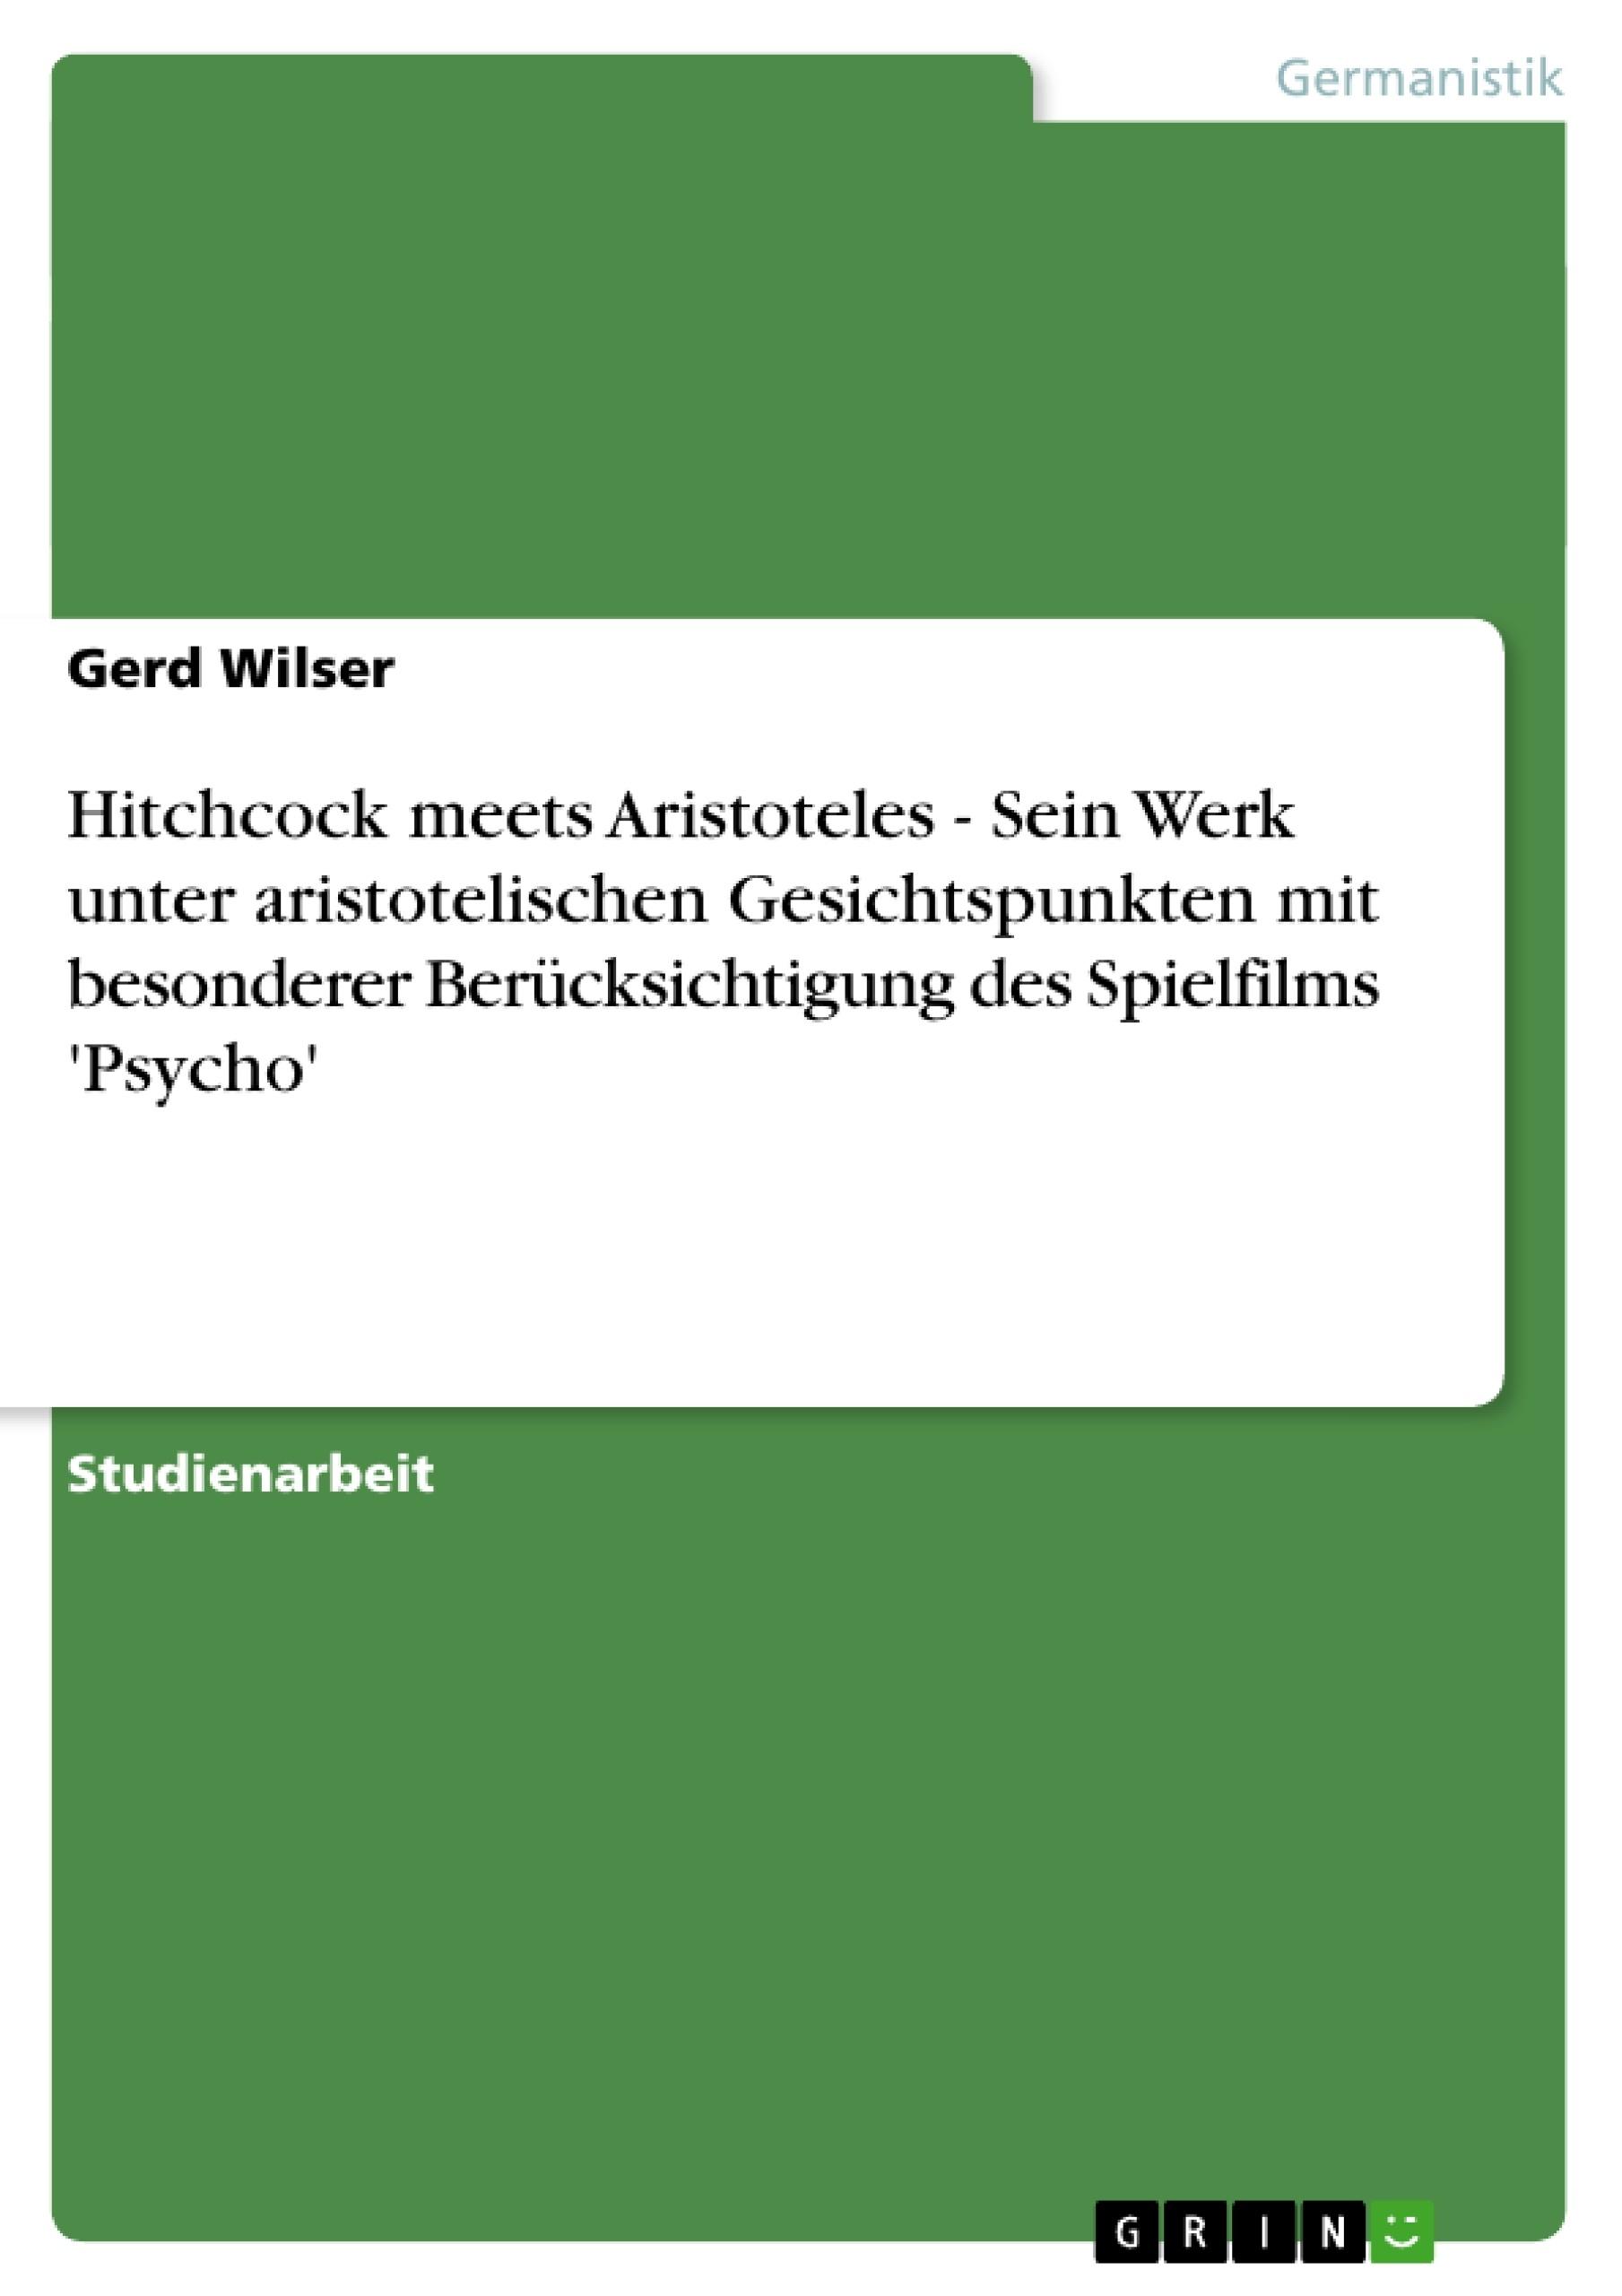 Titel: Hitchcock meets Aristoteles - Sein Werk unter aristotelischen Gesichtspunkten mit besonderer Berücksichtigung des Spielfilms 'Psycho'